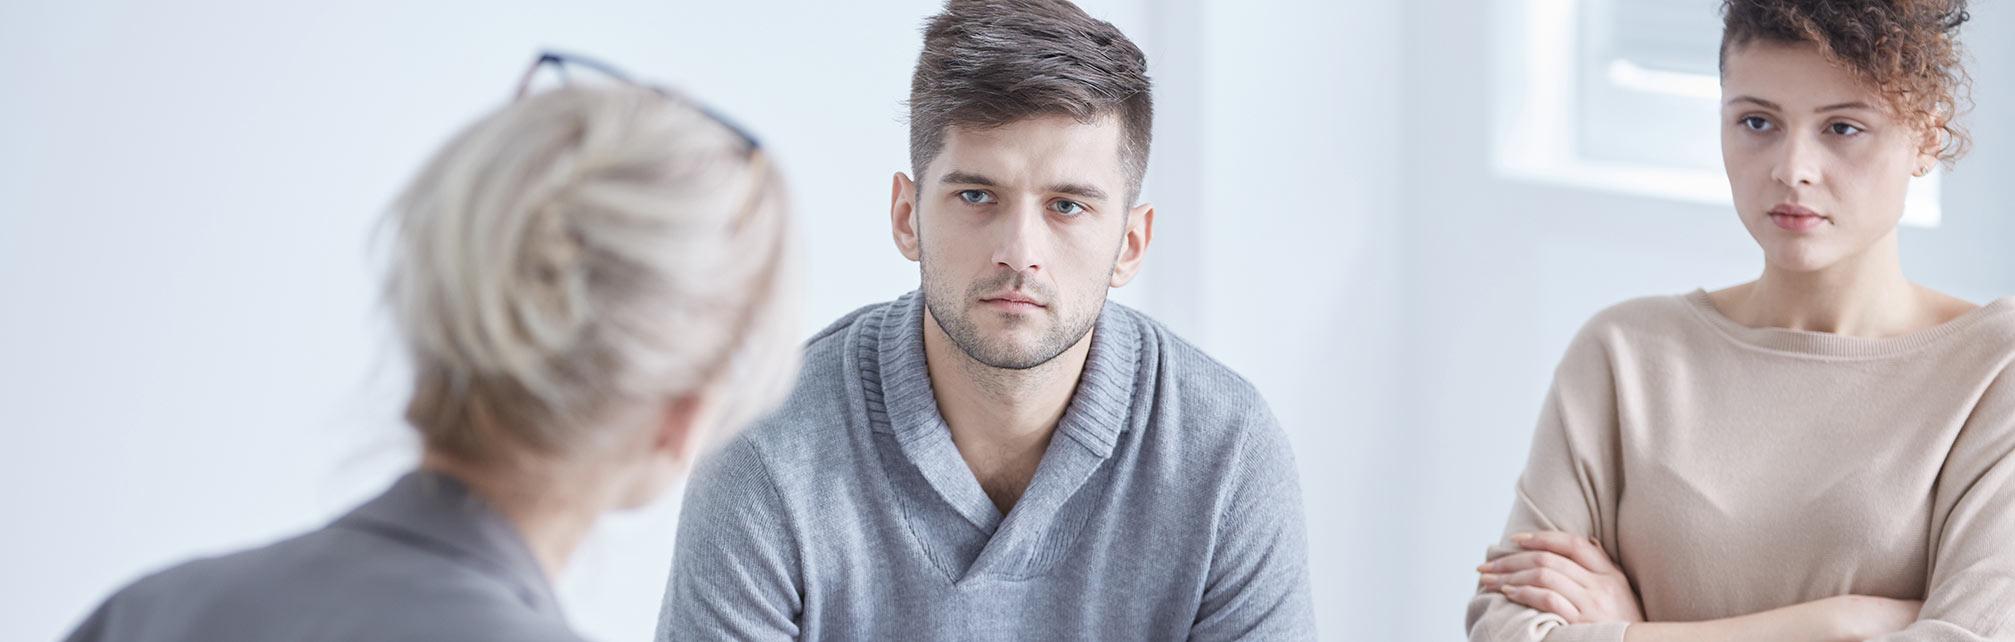 Sample of psychologist mediating